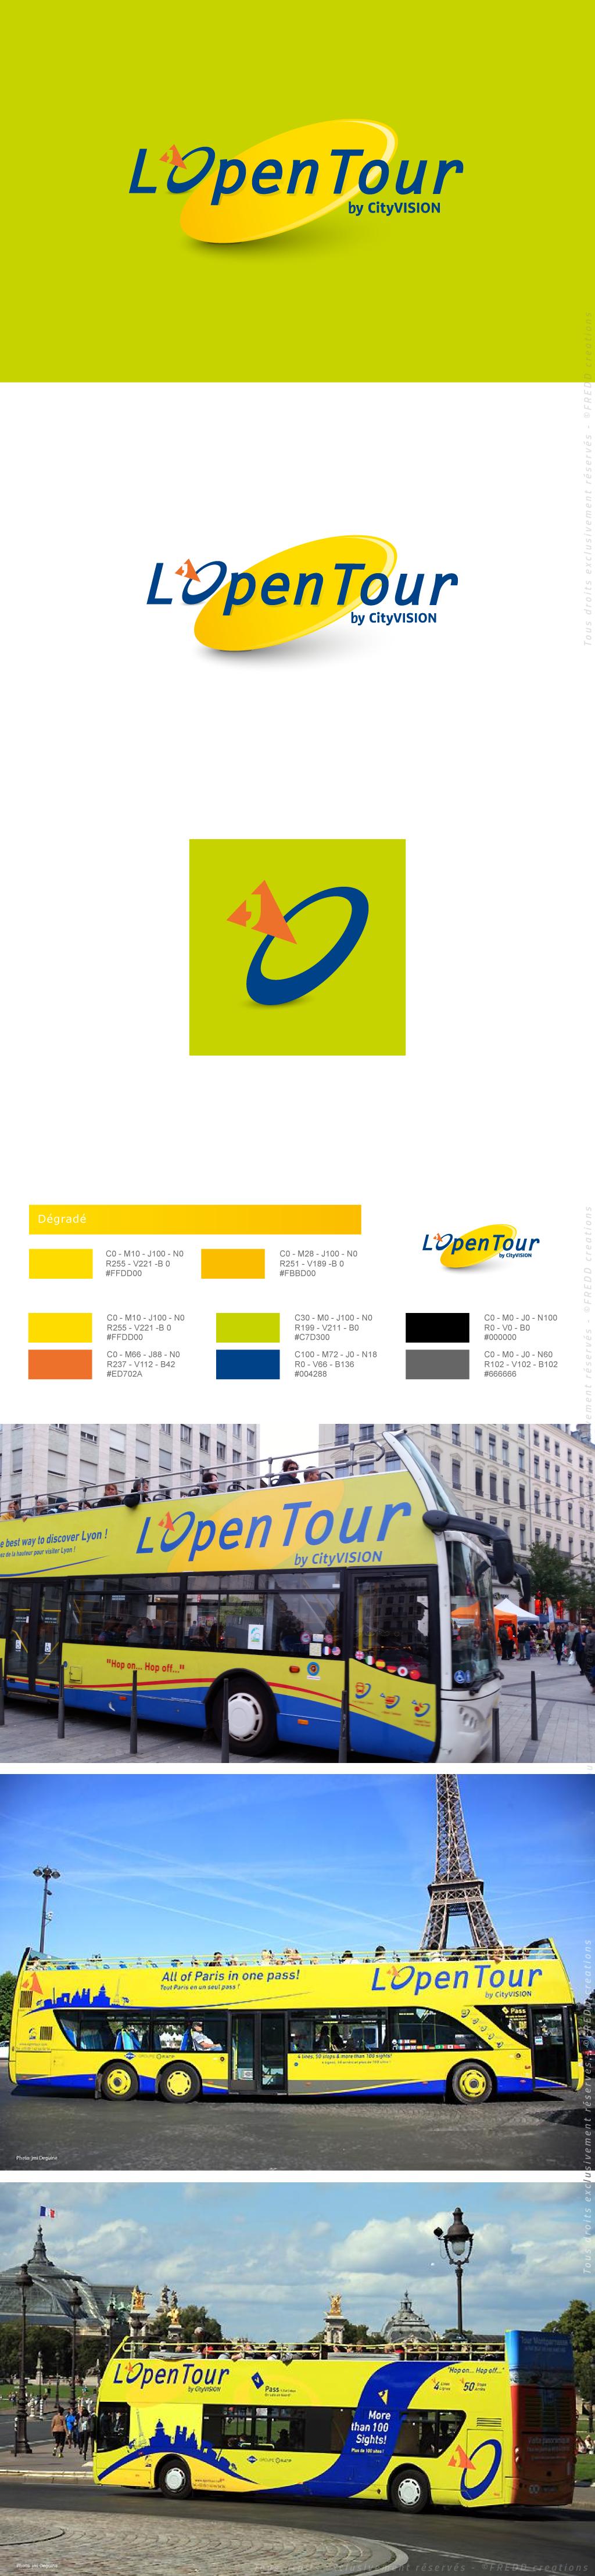 Identité Bus L'Open Tour